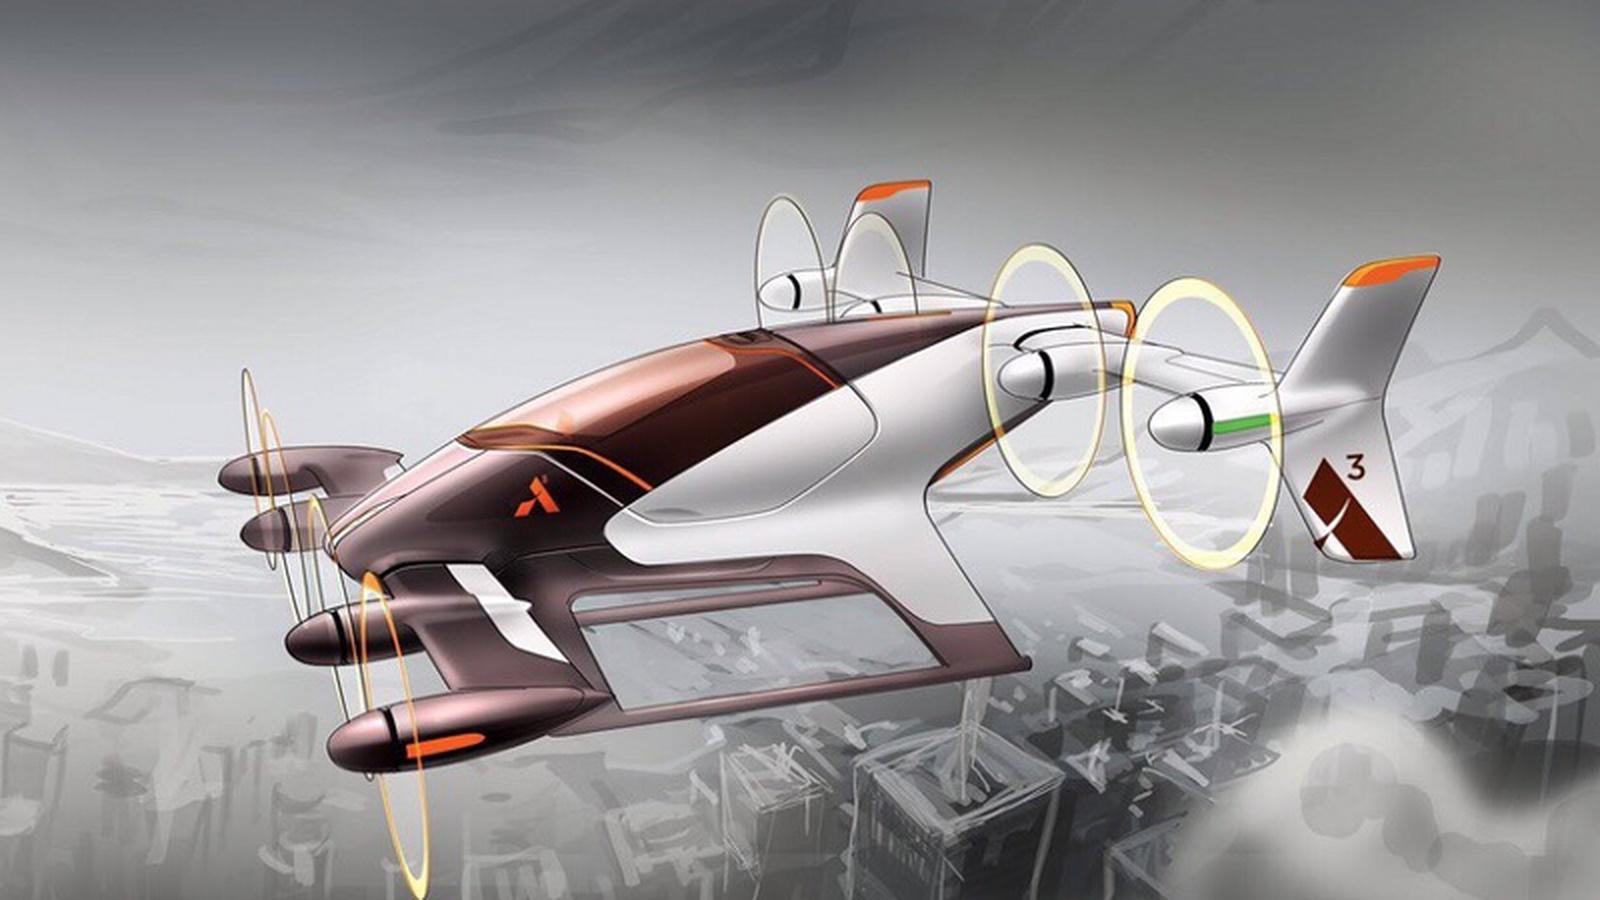 """Imagem de Protótipo de """"carro voador"""" ficará pronto em 2017, afirma CEO da Airbus no tecmundo"""